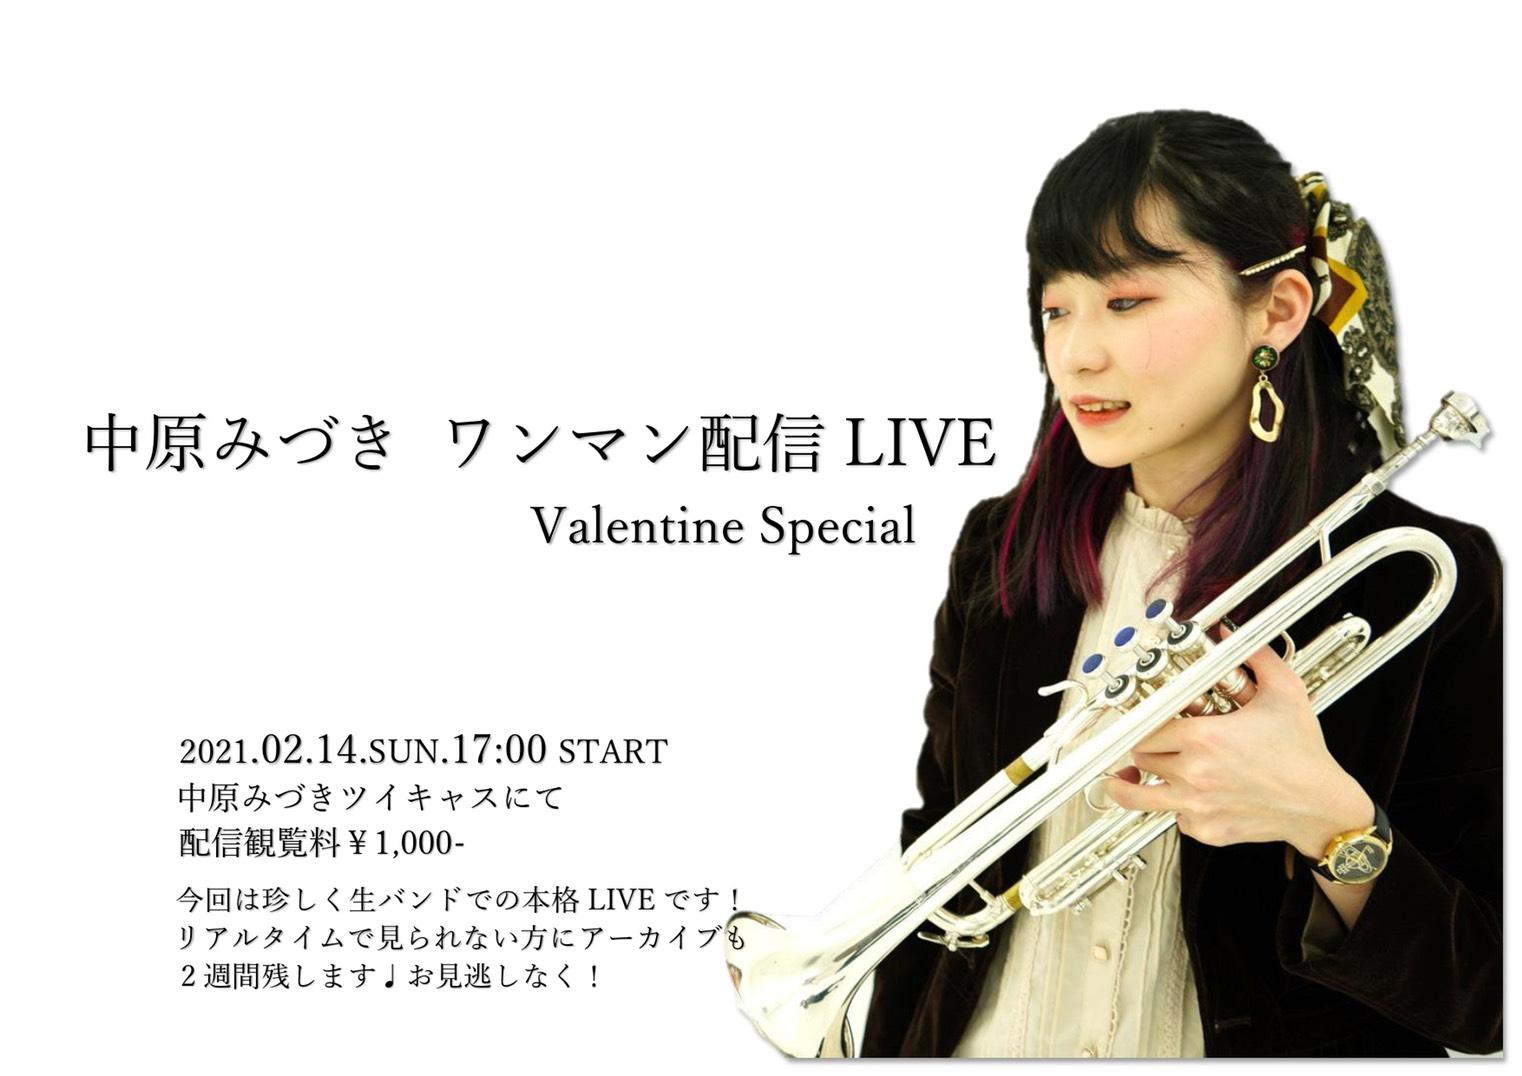 中原みづき ワンマン配信LIVE Valentine Special